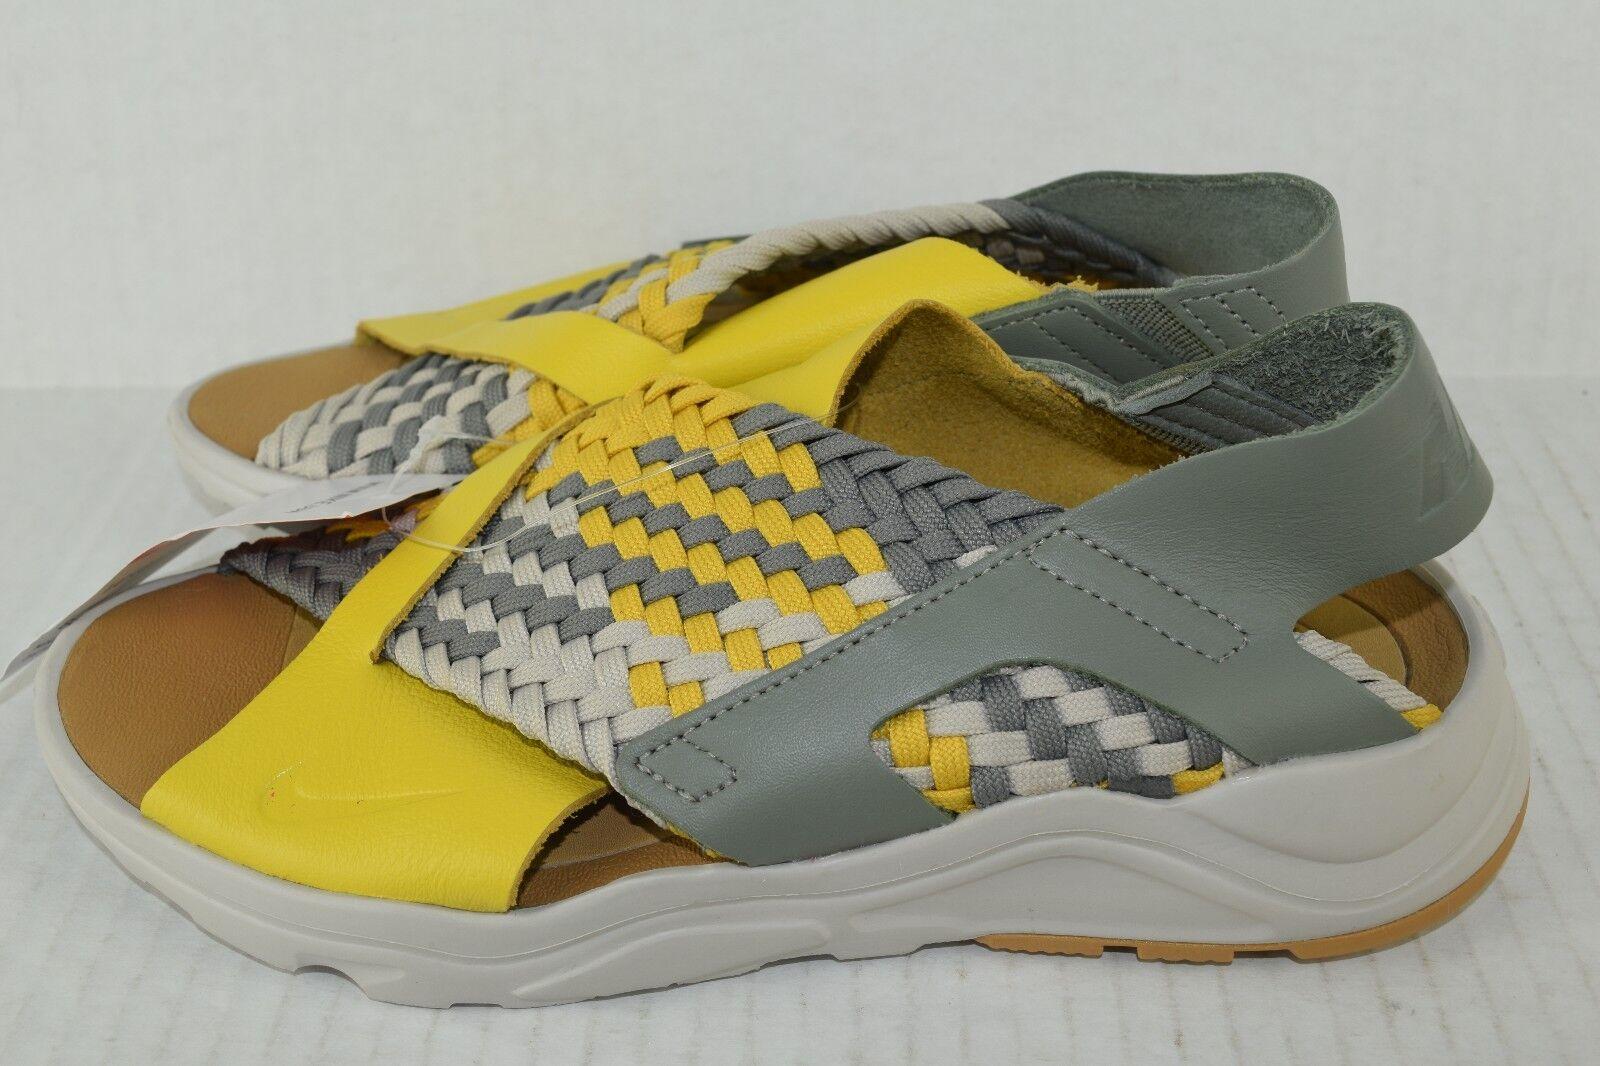 Nike air huarache donne correre ultra sandali 885118-700 solare giallo - grigio dimensioni 6